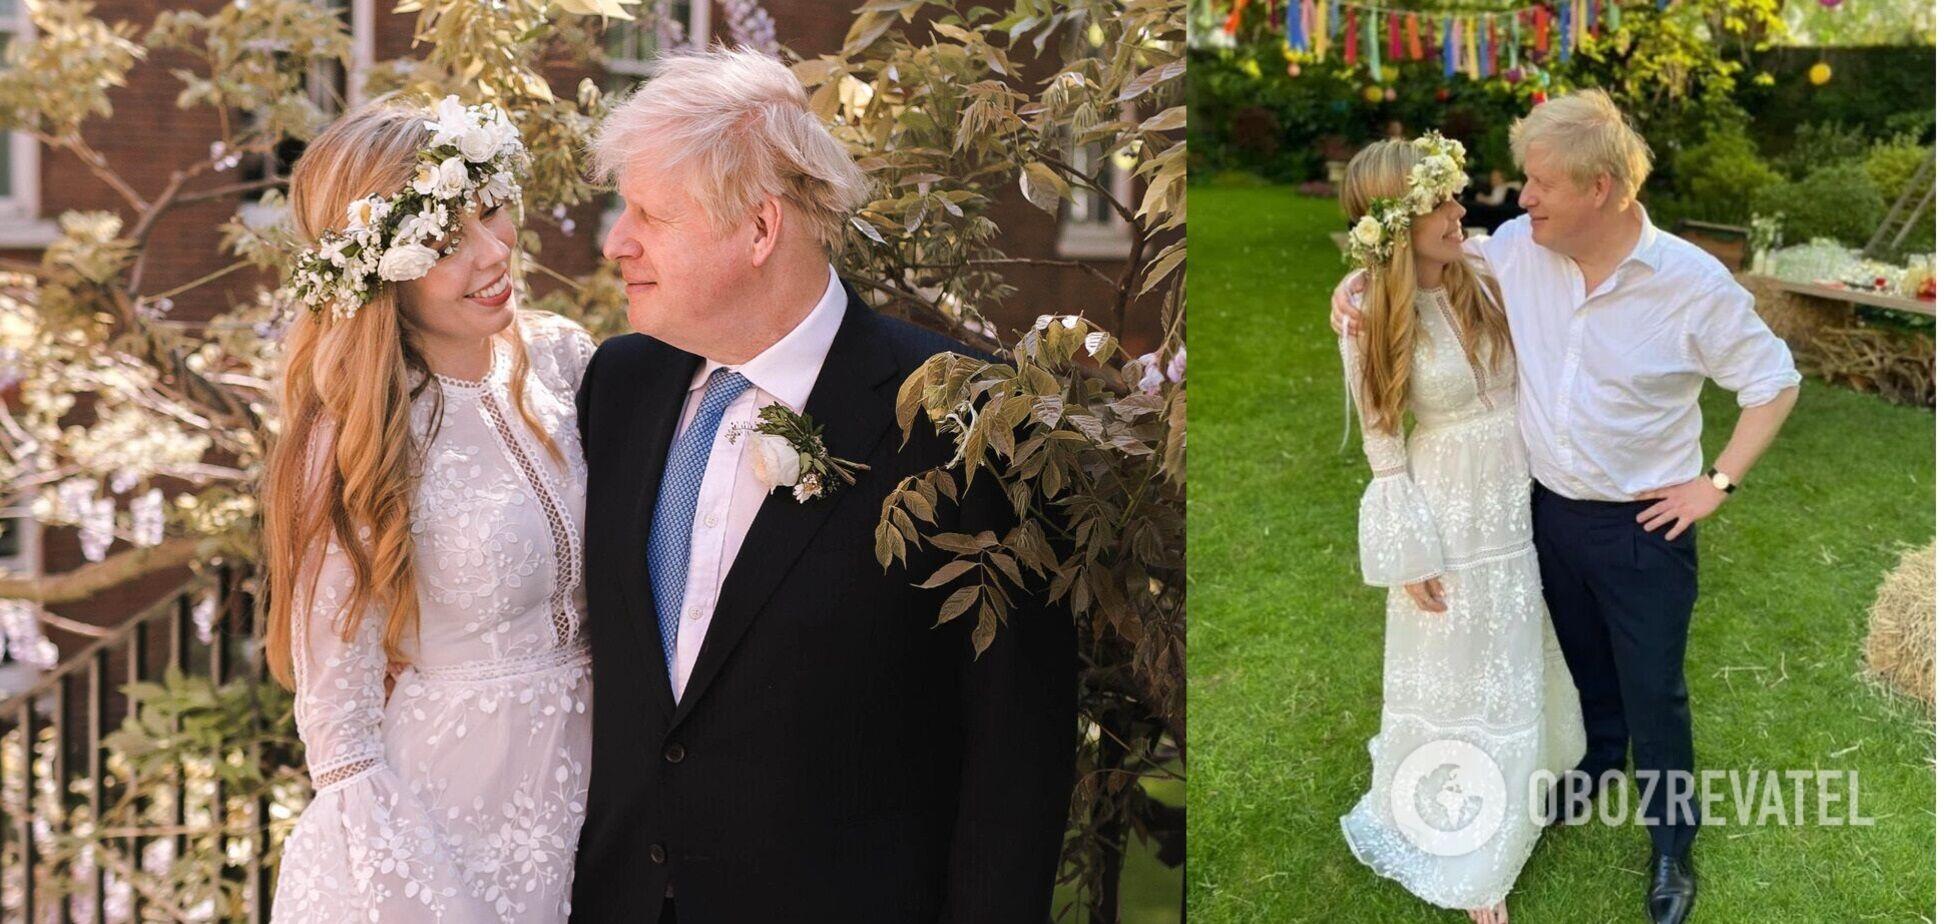 Какой была тайная свадьба Бориса Джонсона